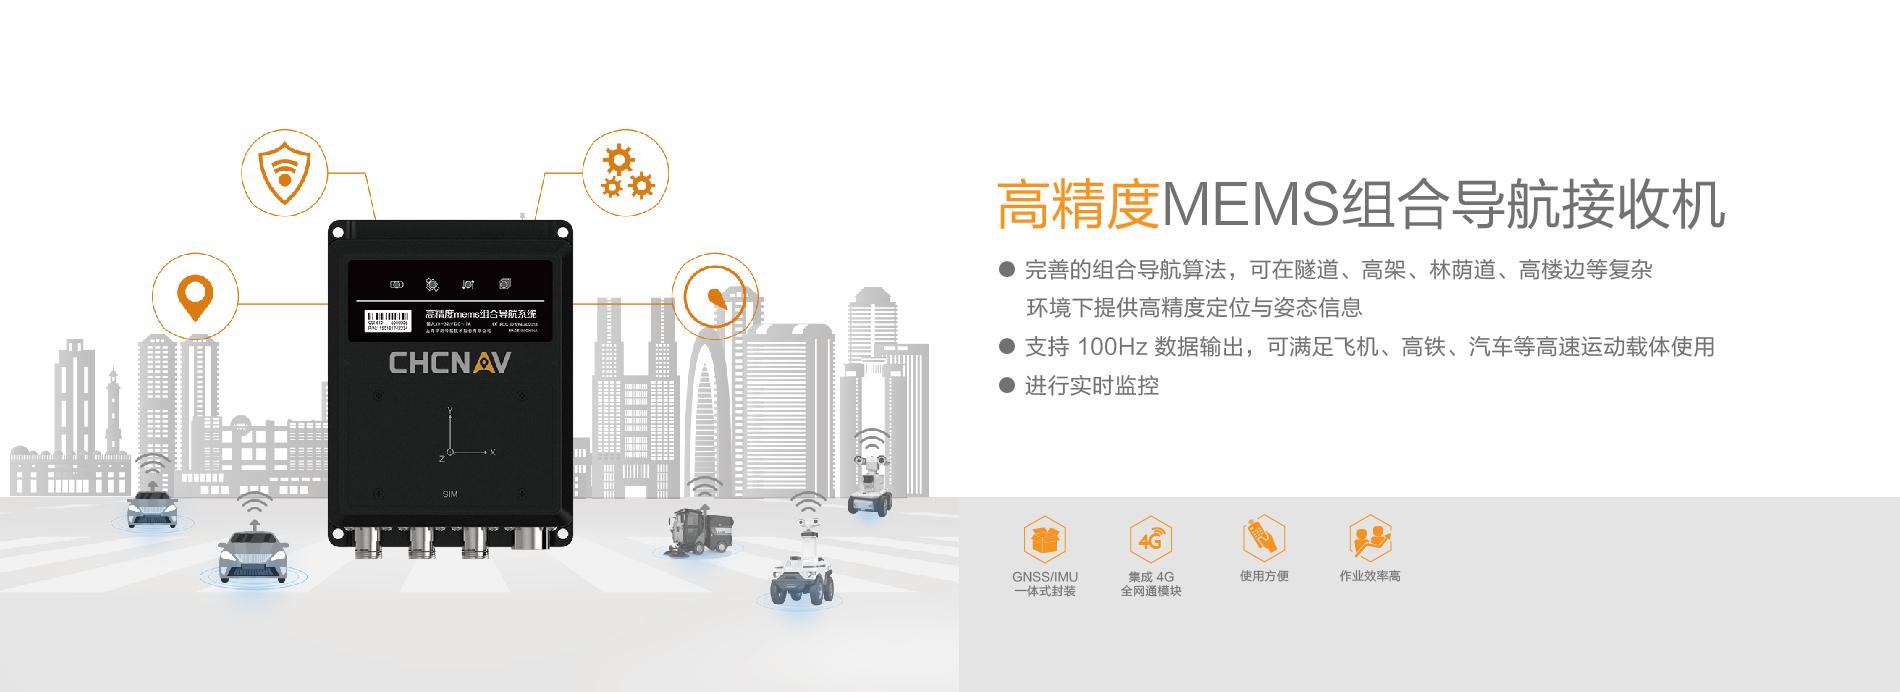 高精度MEMS組合導航接收機